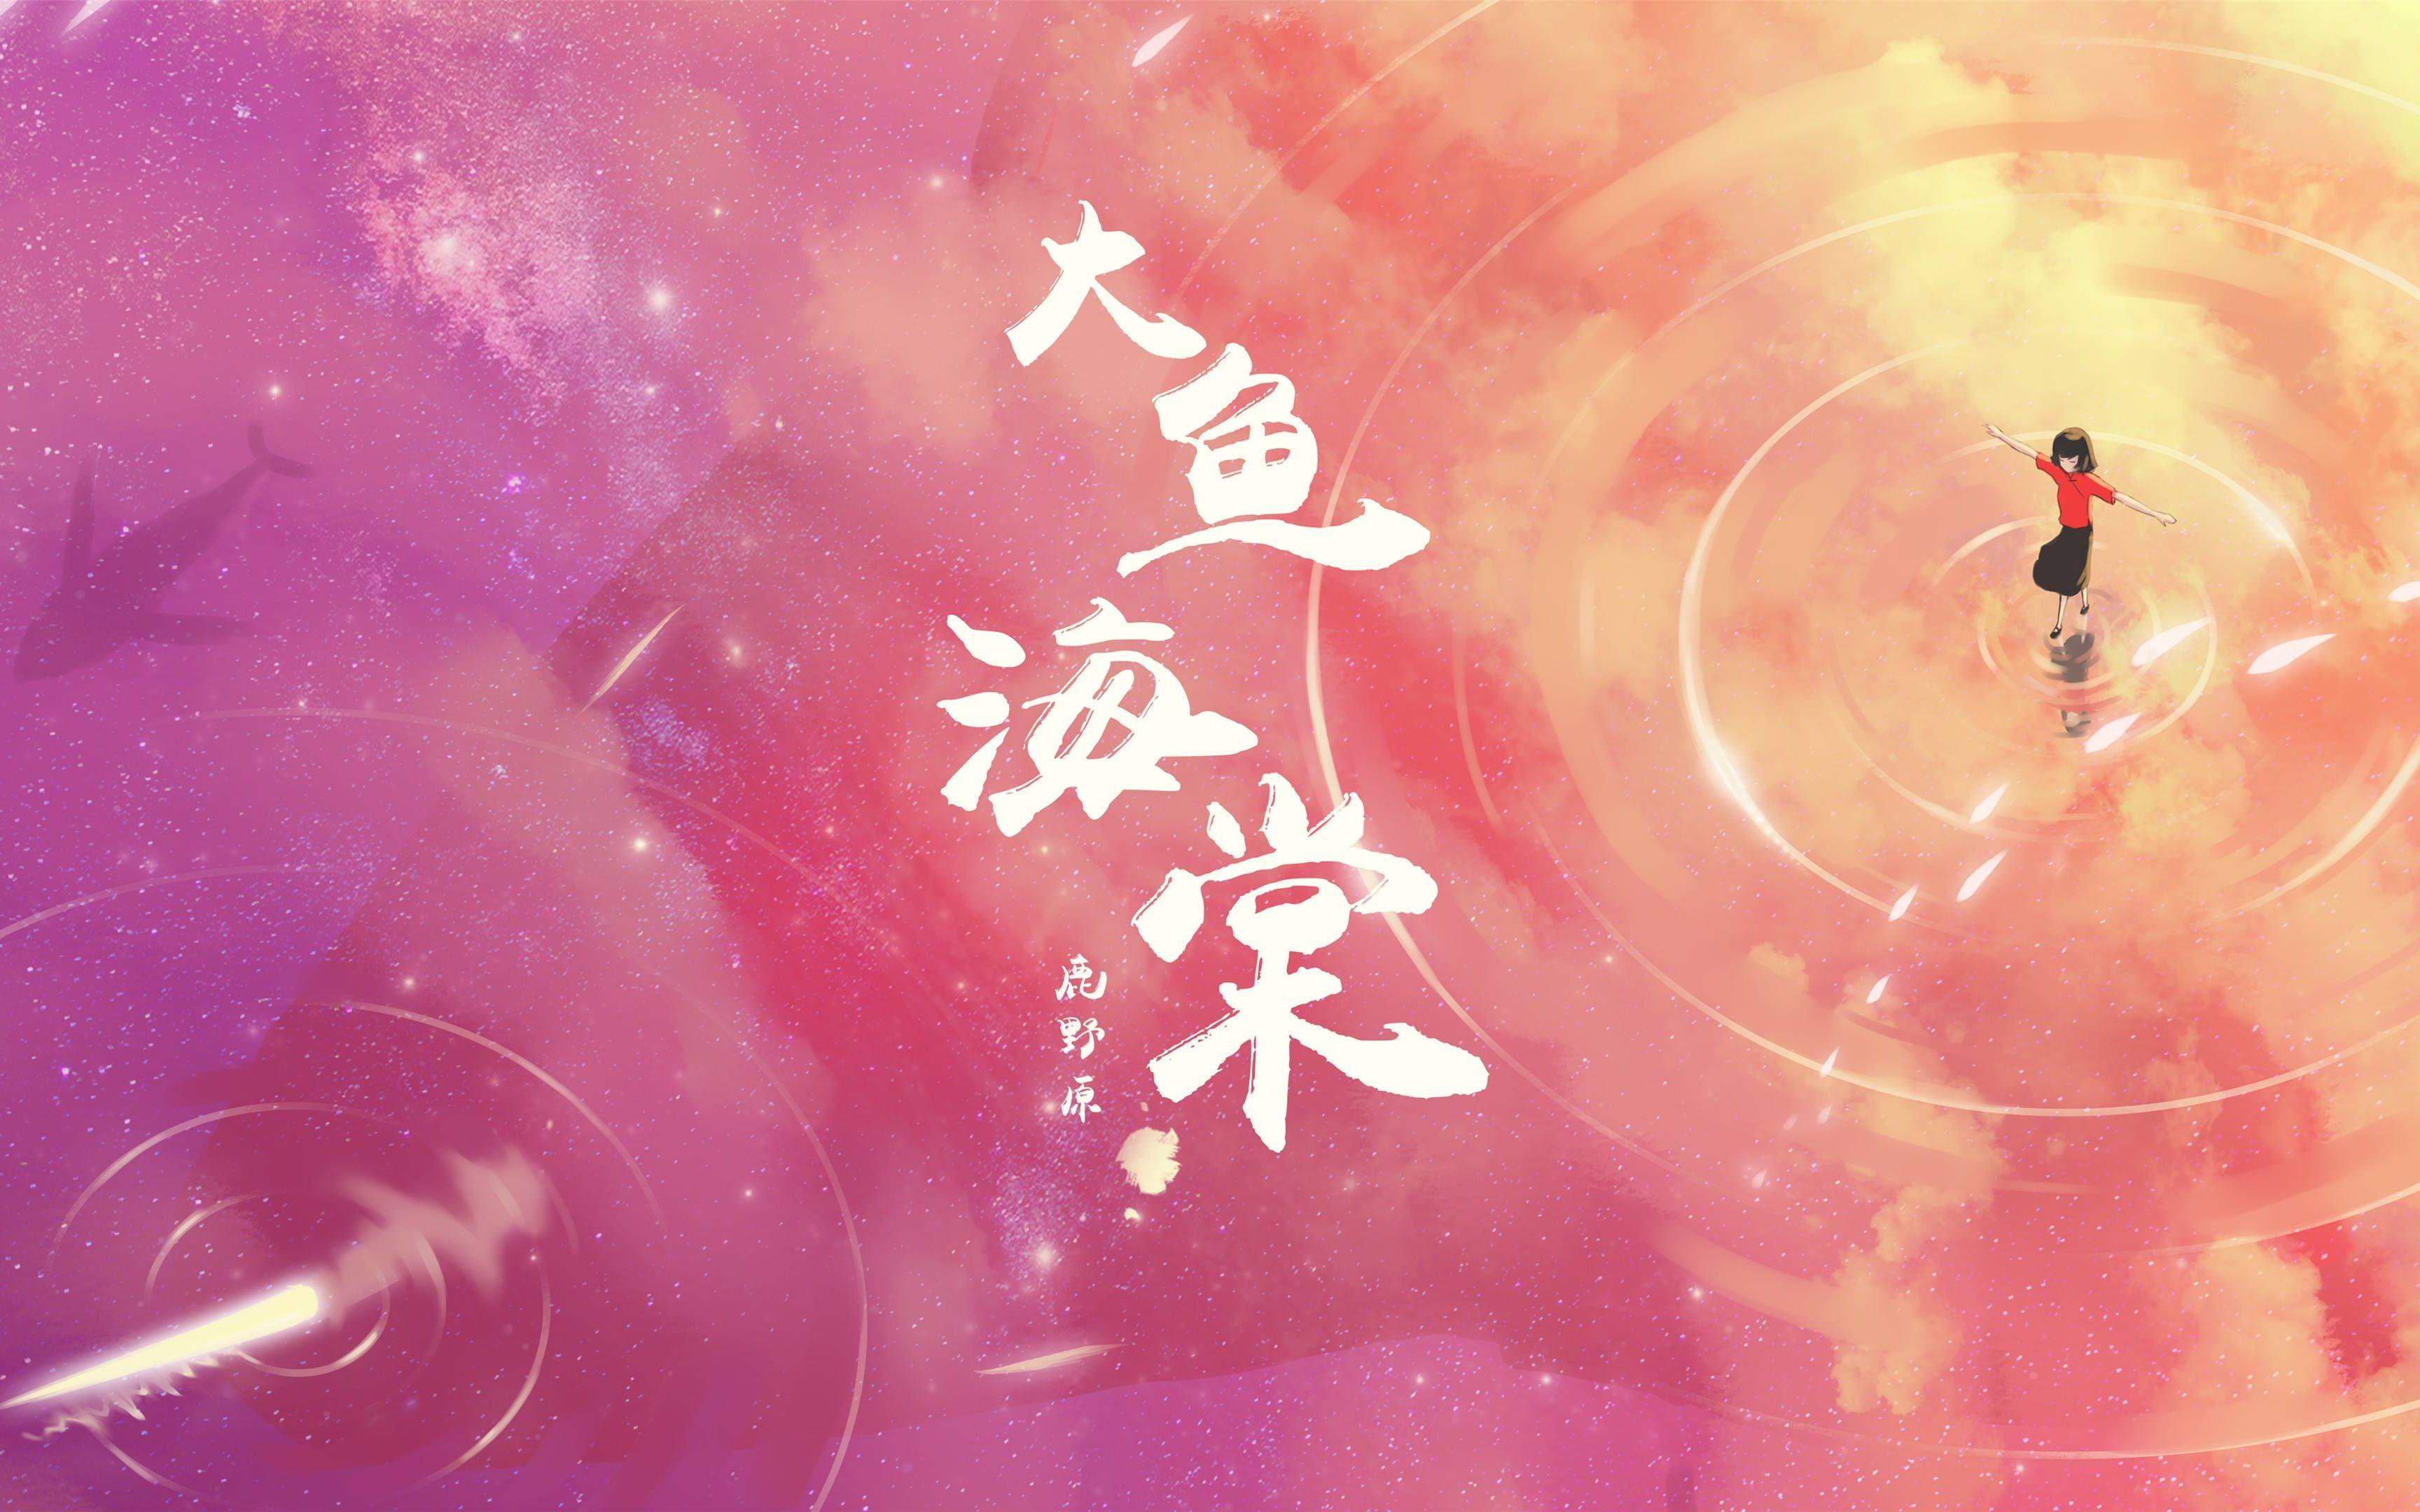 【二胡】大魚海棠 印象曲翻奏圖片